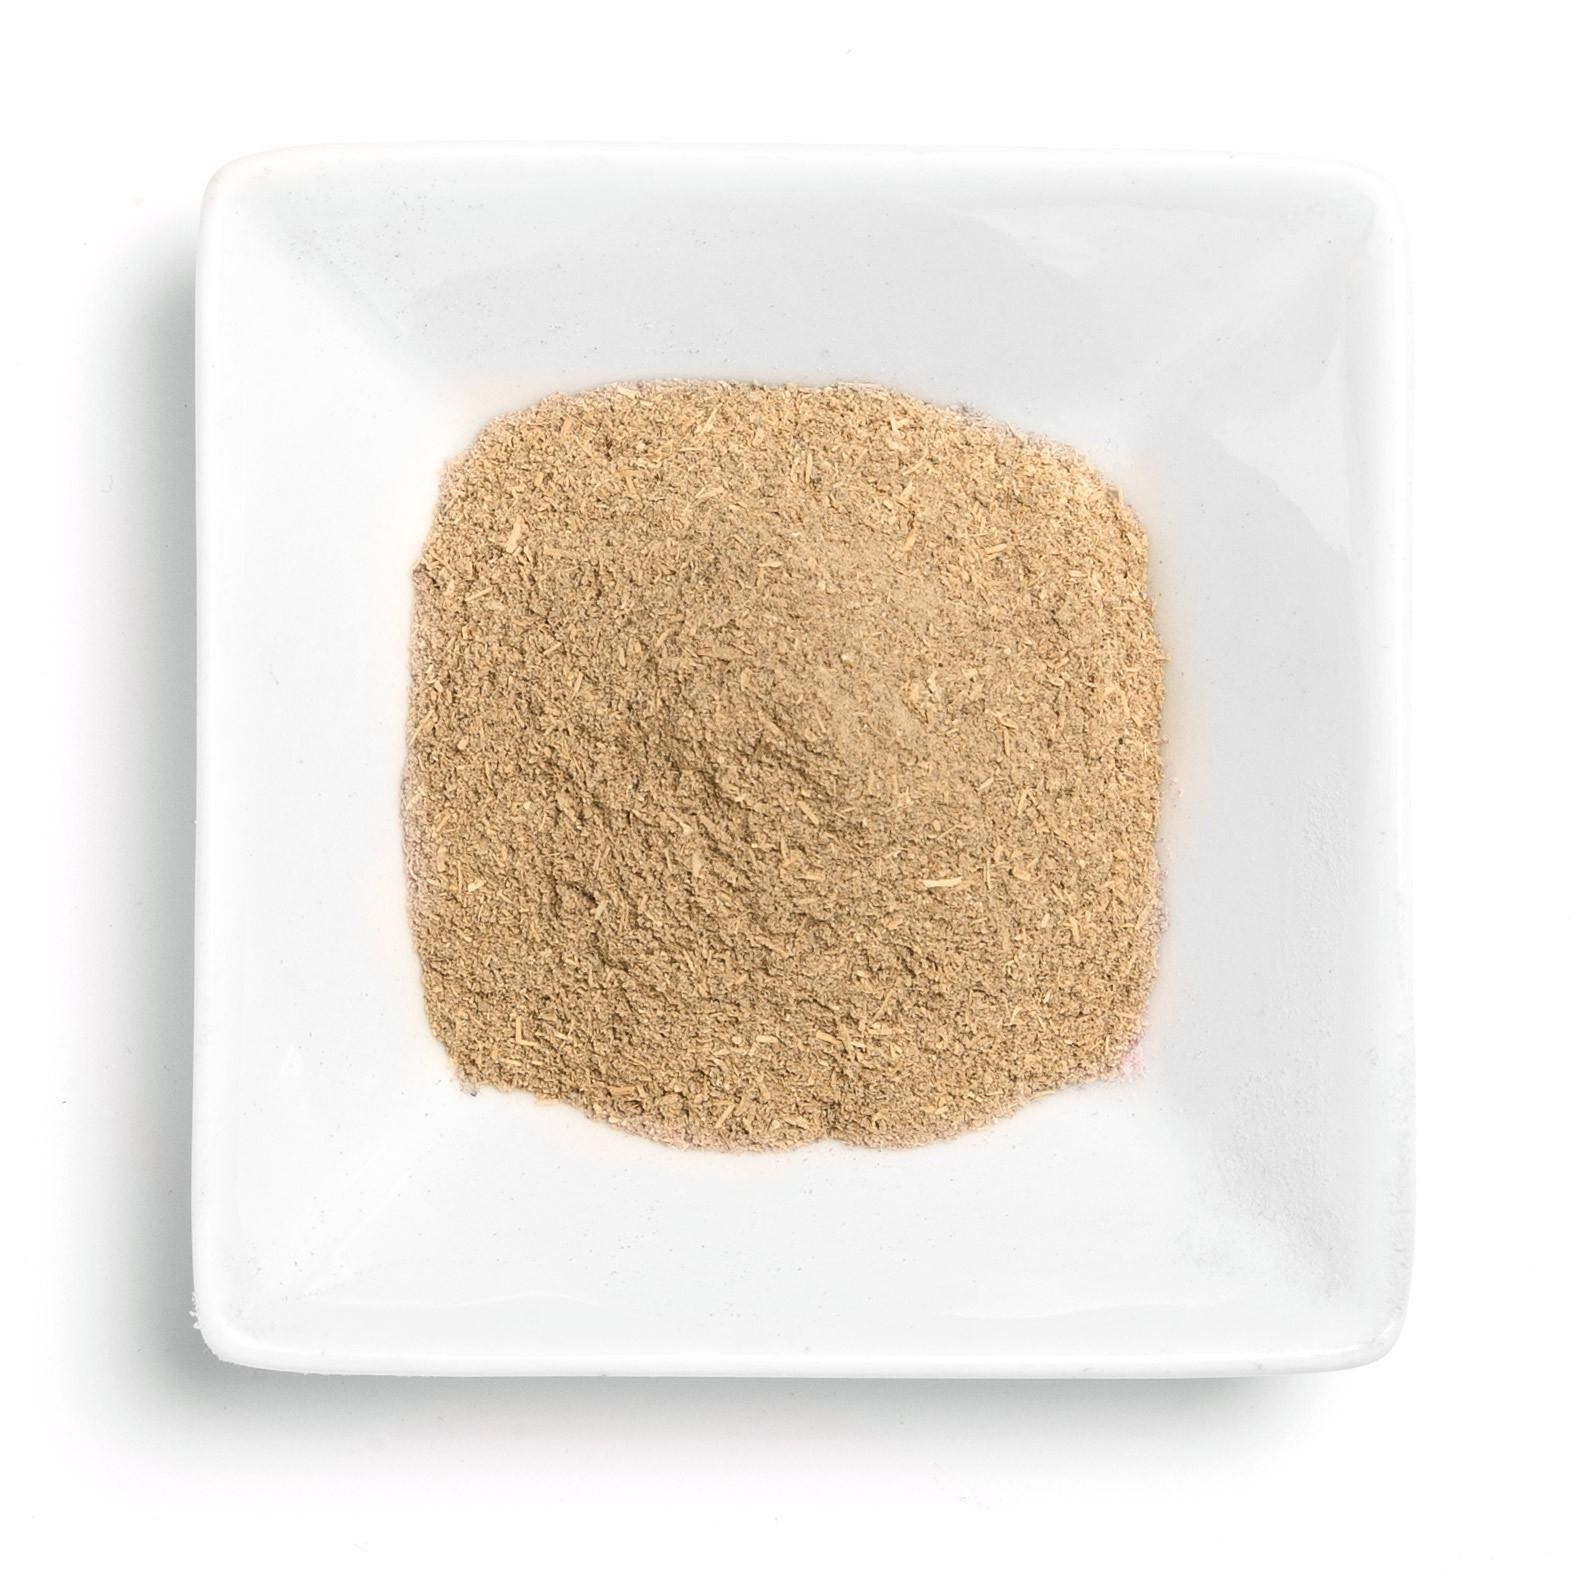 Wakaya Fiji Kava Kava - Piper methysticum